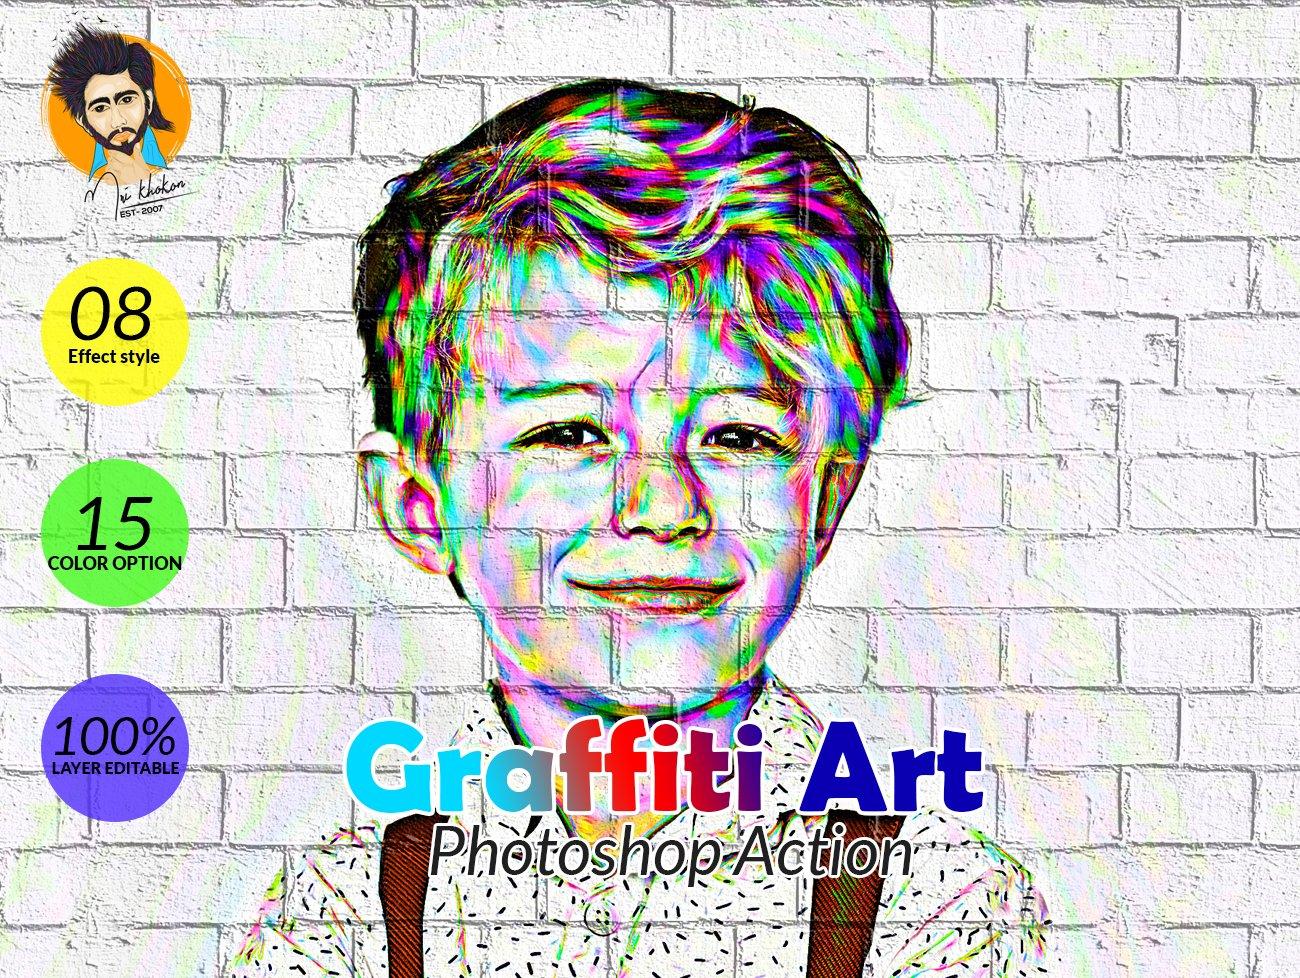 涂鸦艺术照片处理特效PS动作模板 Graffiti Art Photoshop Action插图